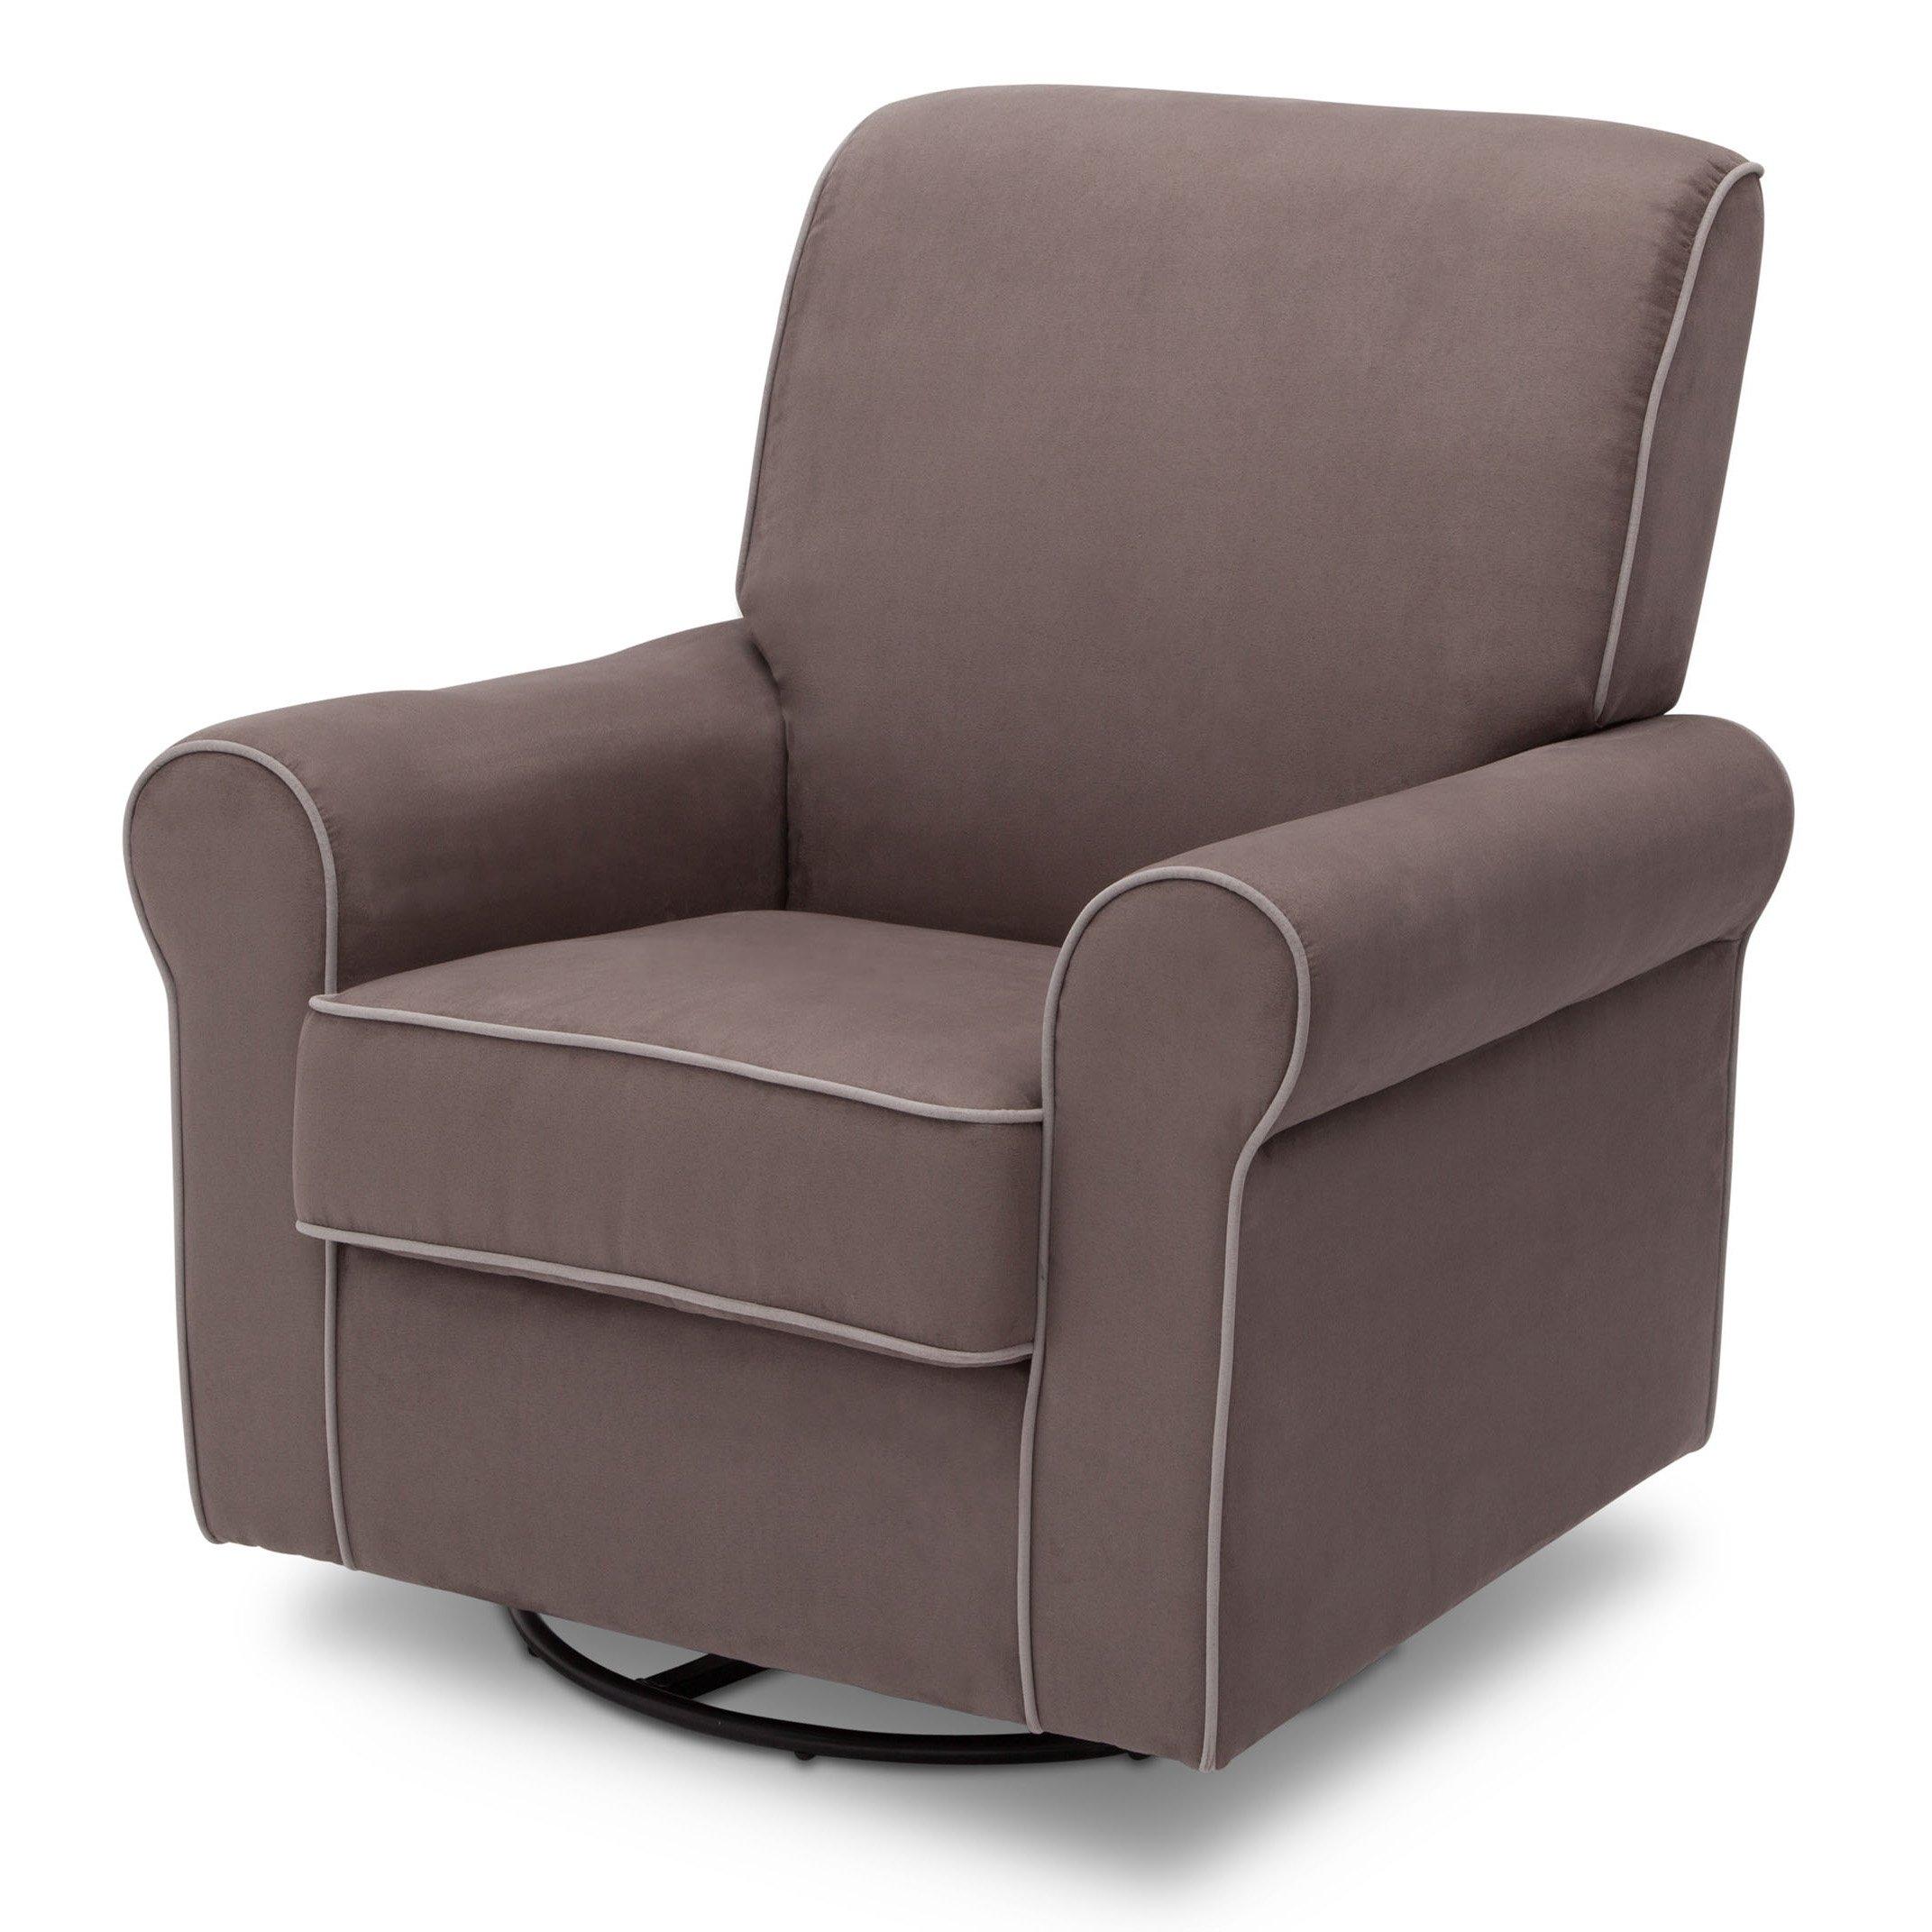 Delta Children Rowen Glider Swivel Rocker Chair, Graphite